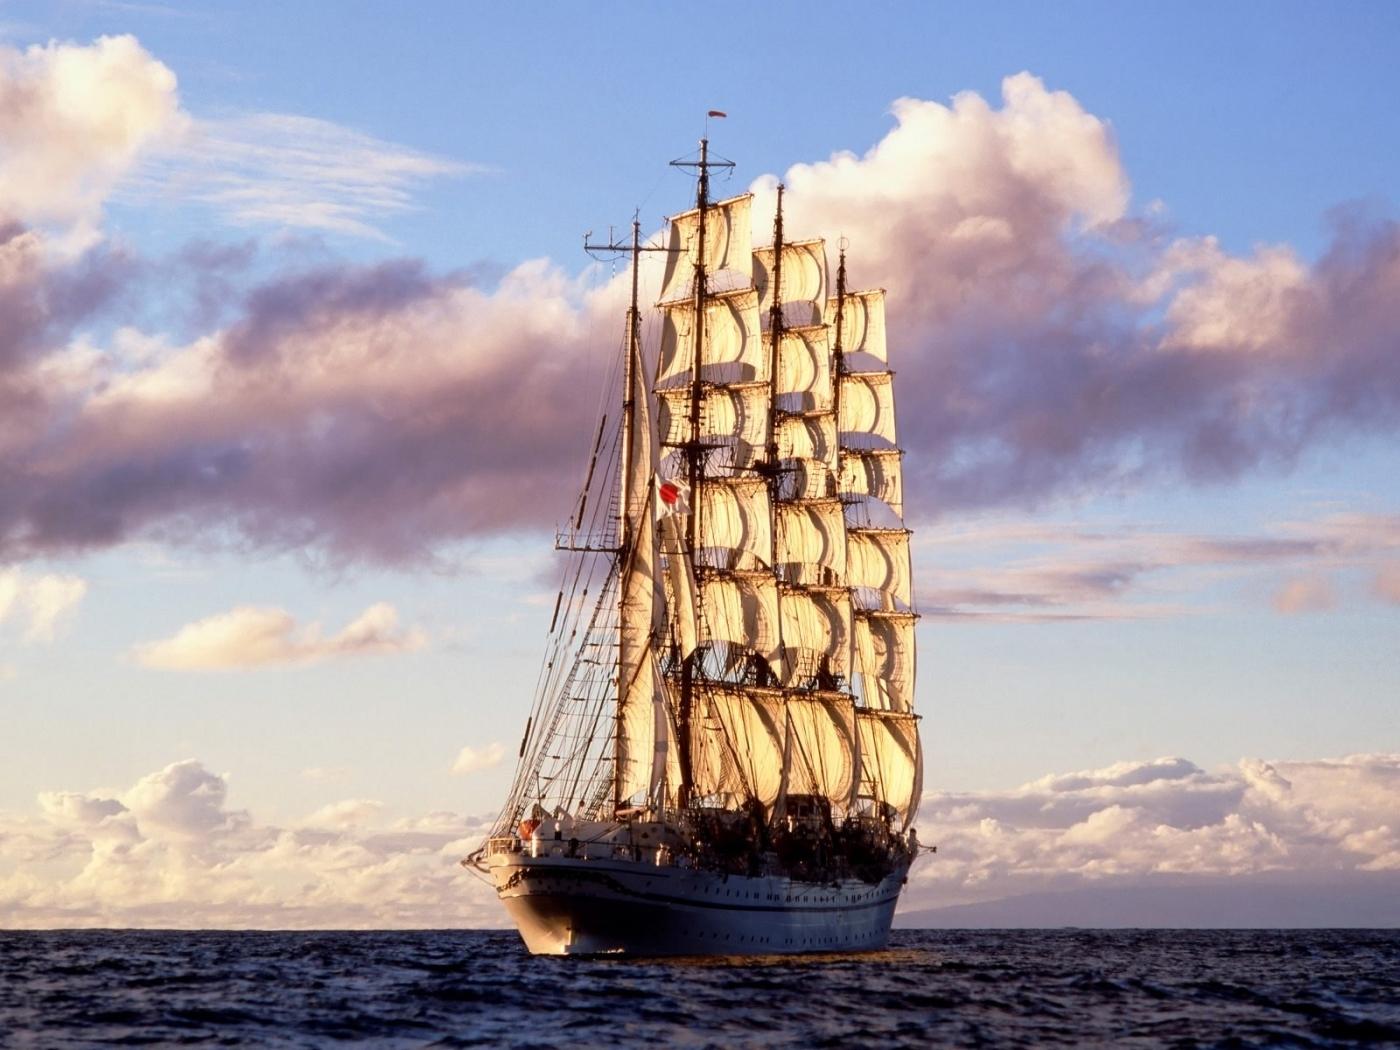 Скачать картинку Корабли, Пейзаж, Облака, Море, Небо, Транспорт в телефон бесплатно.